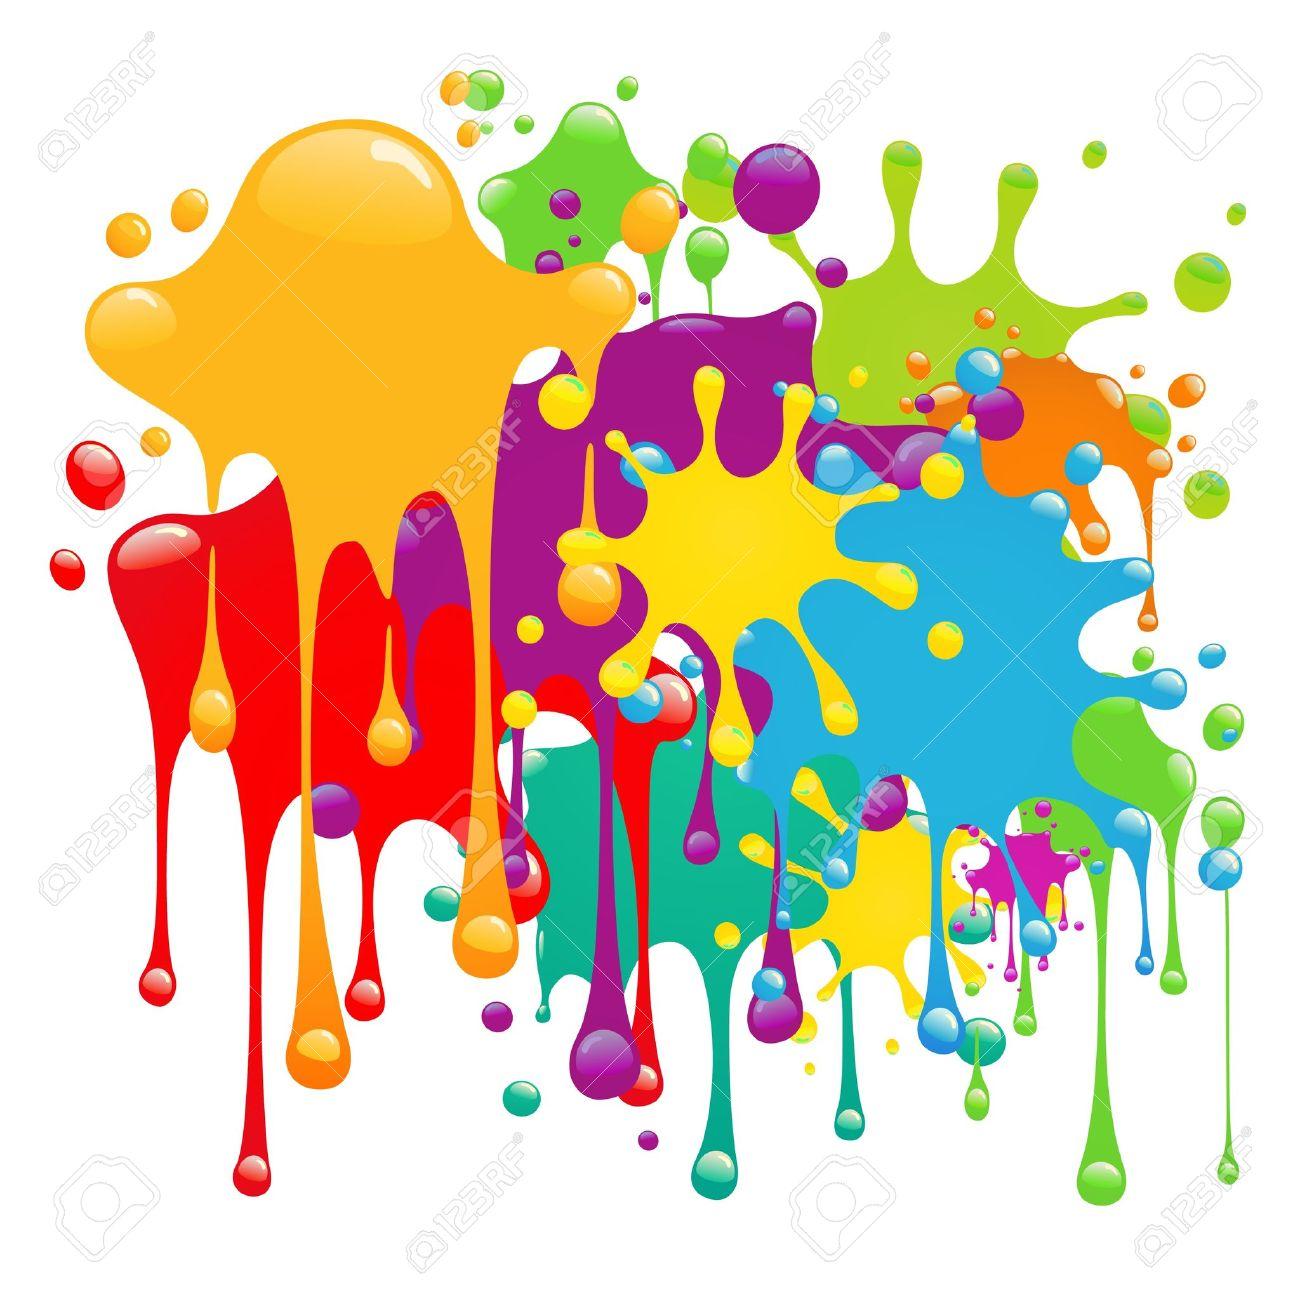 Color paint splashes - 10330660